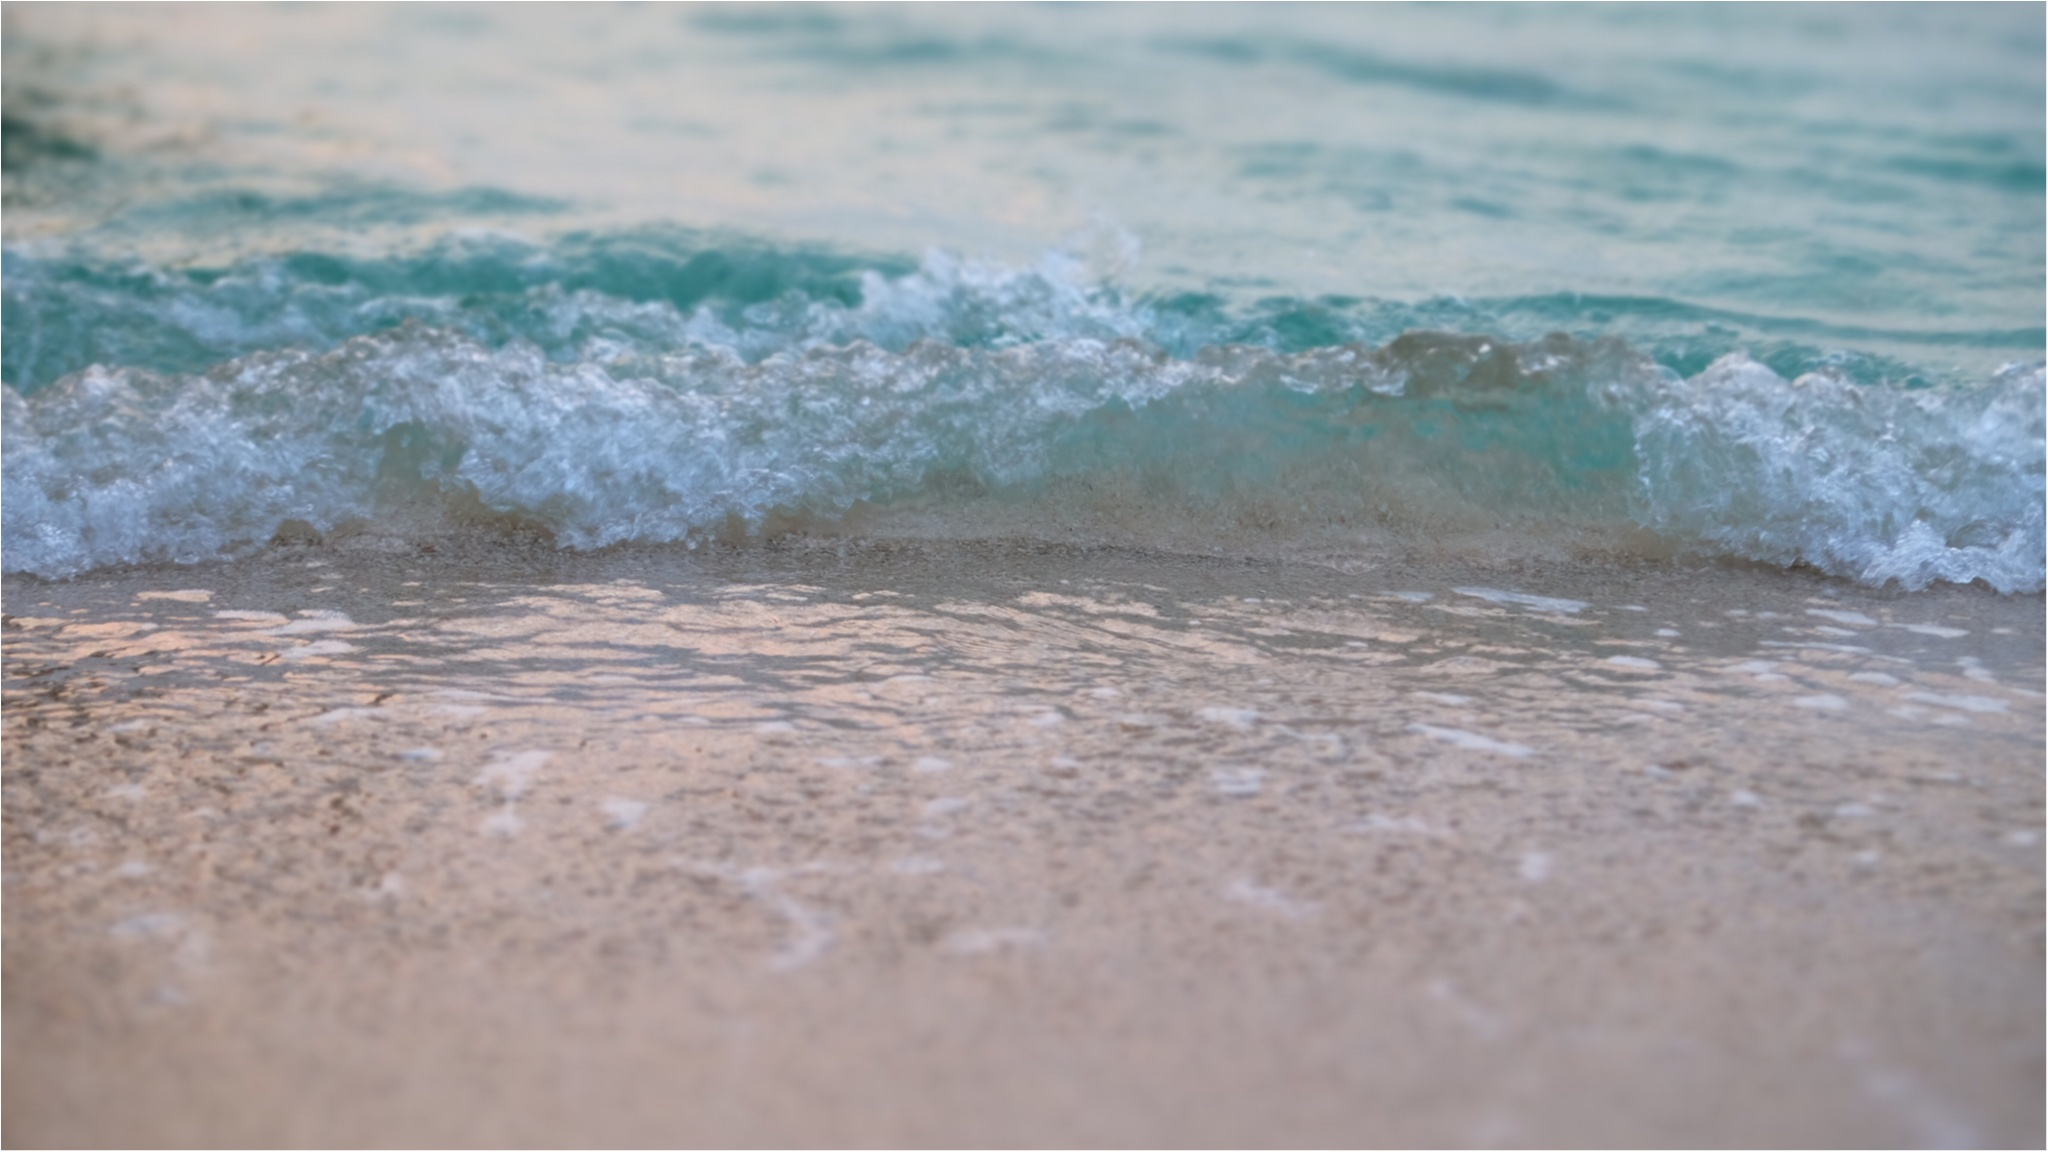 …ஐ 今年の夏まだドコに行くか迷ってる人は必見!自然が色濃く残る宮古島ことりっぷオススメ3選♡ ஐ¨_5